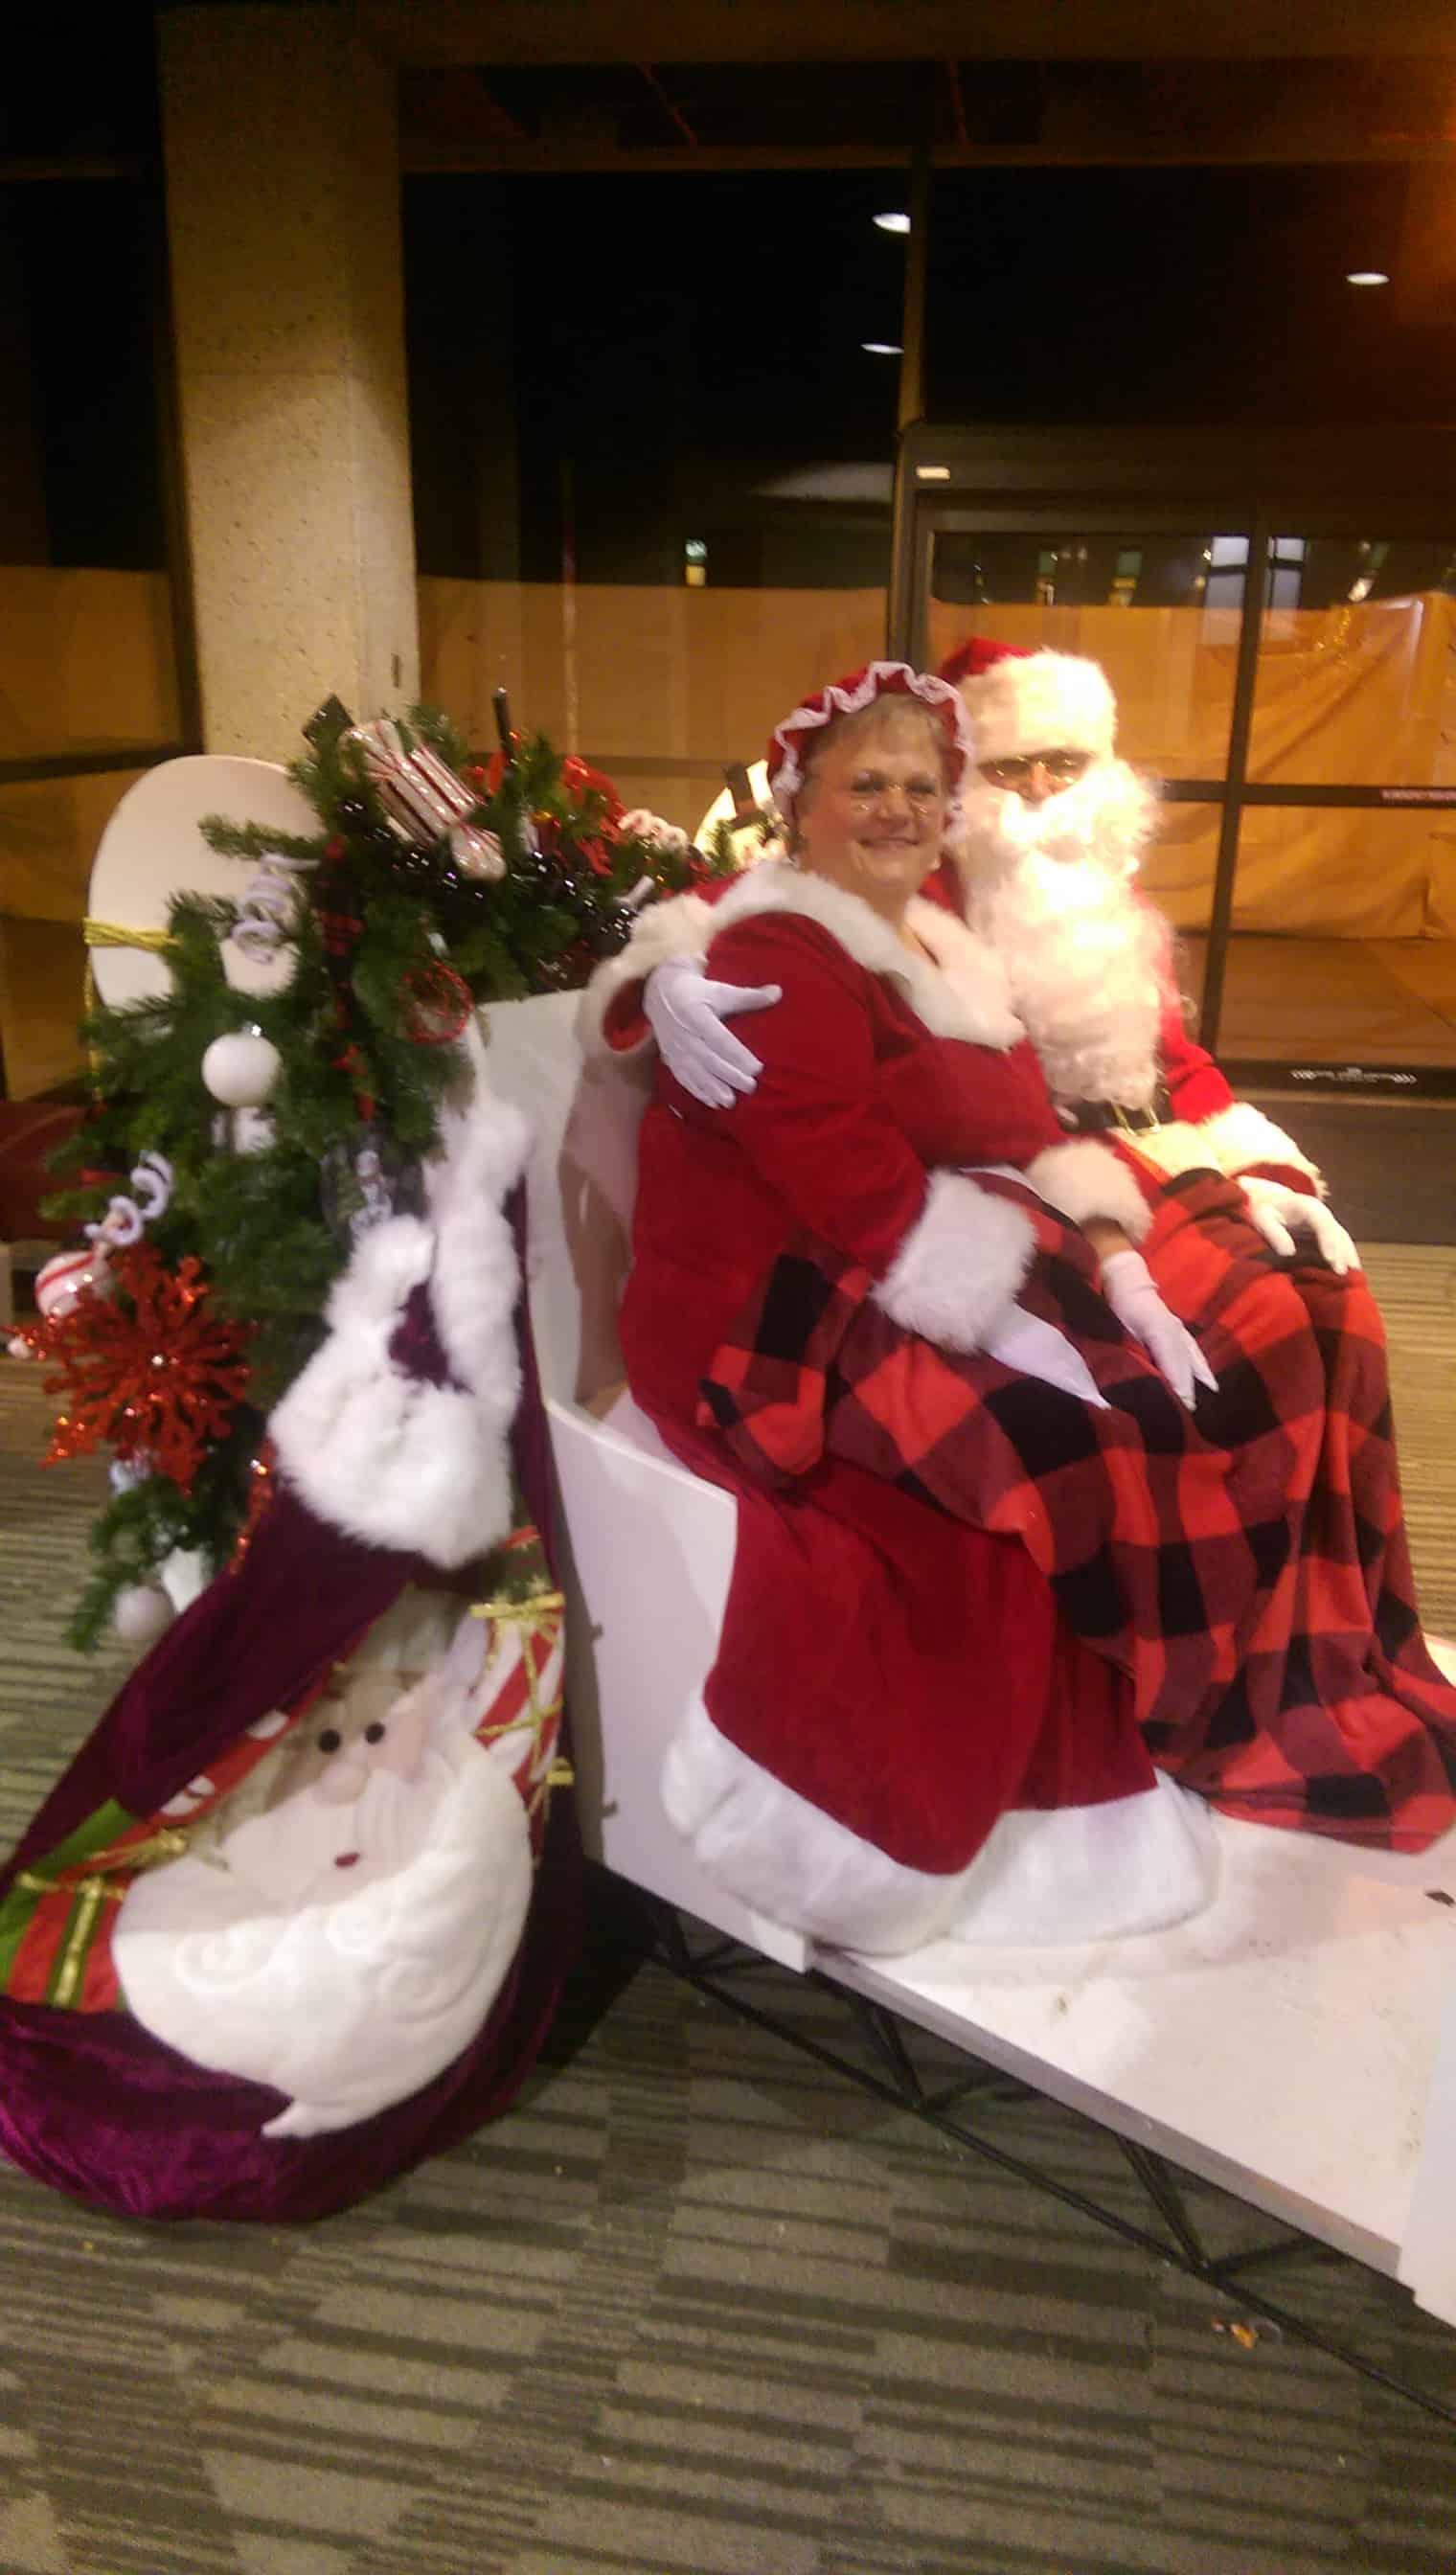 Santa and Mrs K Claus